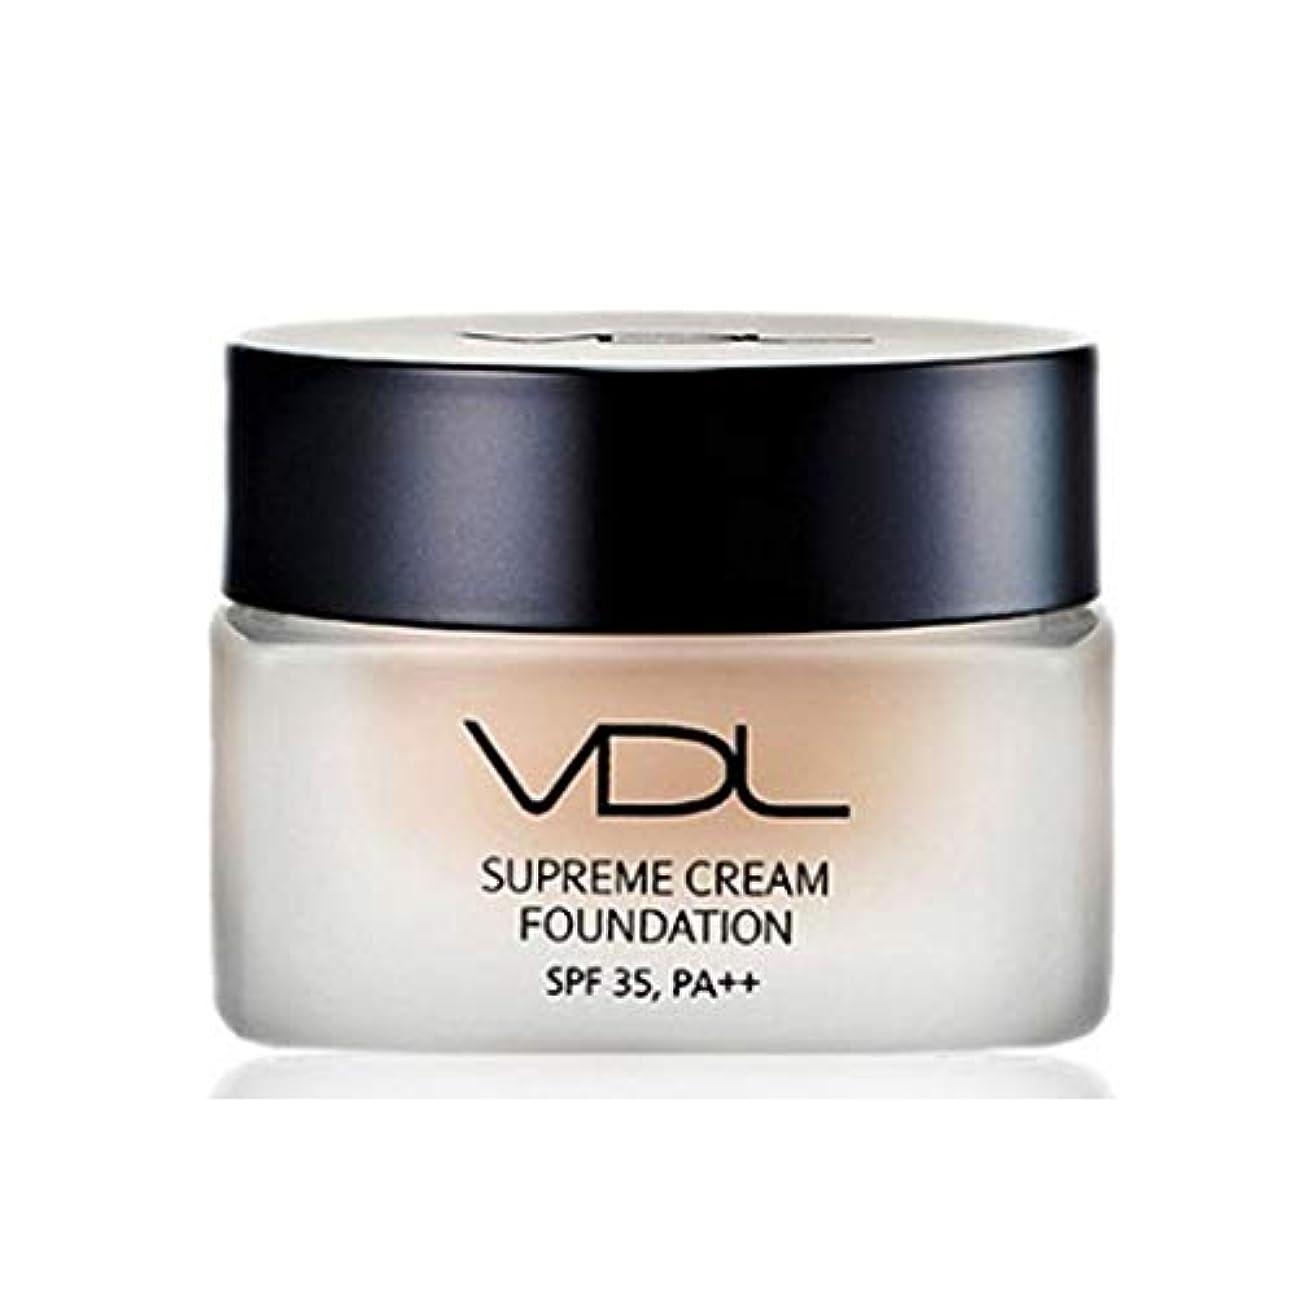 忌避剤日付付き扇動VDLスプリームクリームファンデーション30ml SPF35 PA++ 4色、VDL Supreme Cream Foundation 30ml SPF35 PA++ 4 Colors [並行輸入品] (A02)